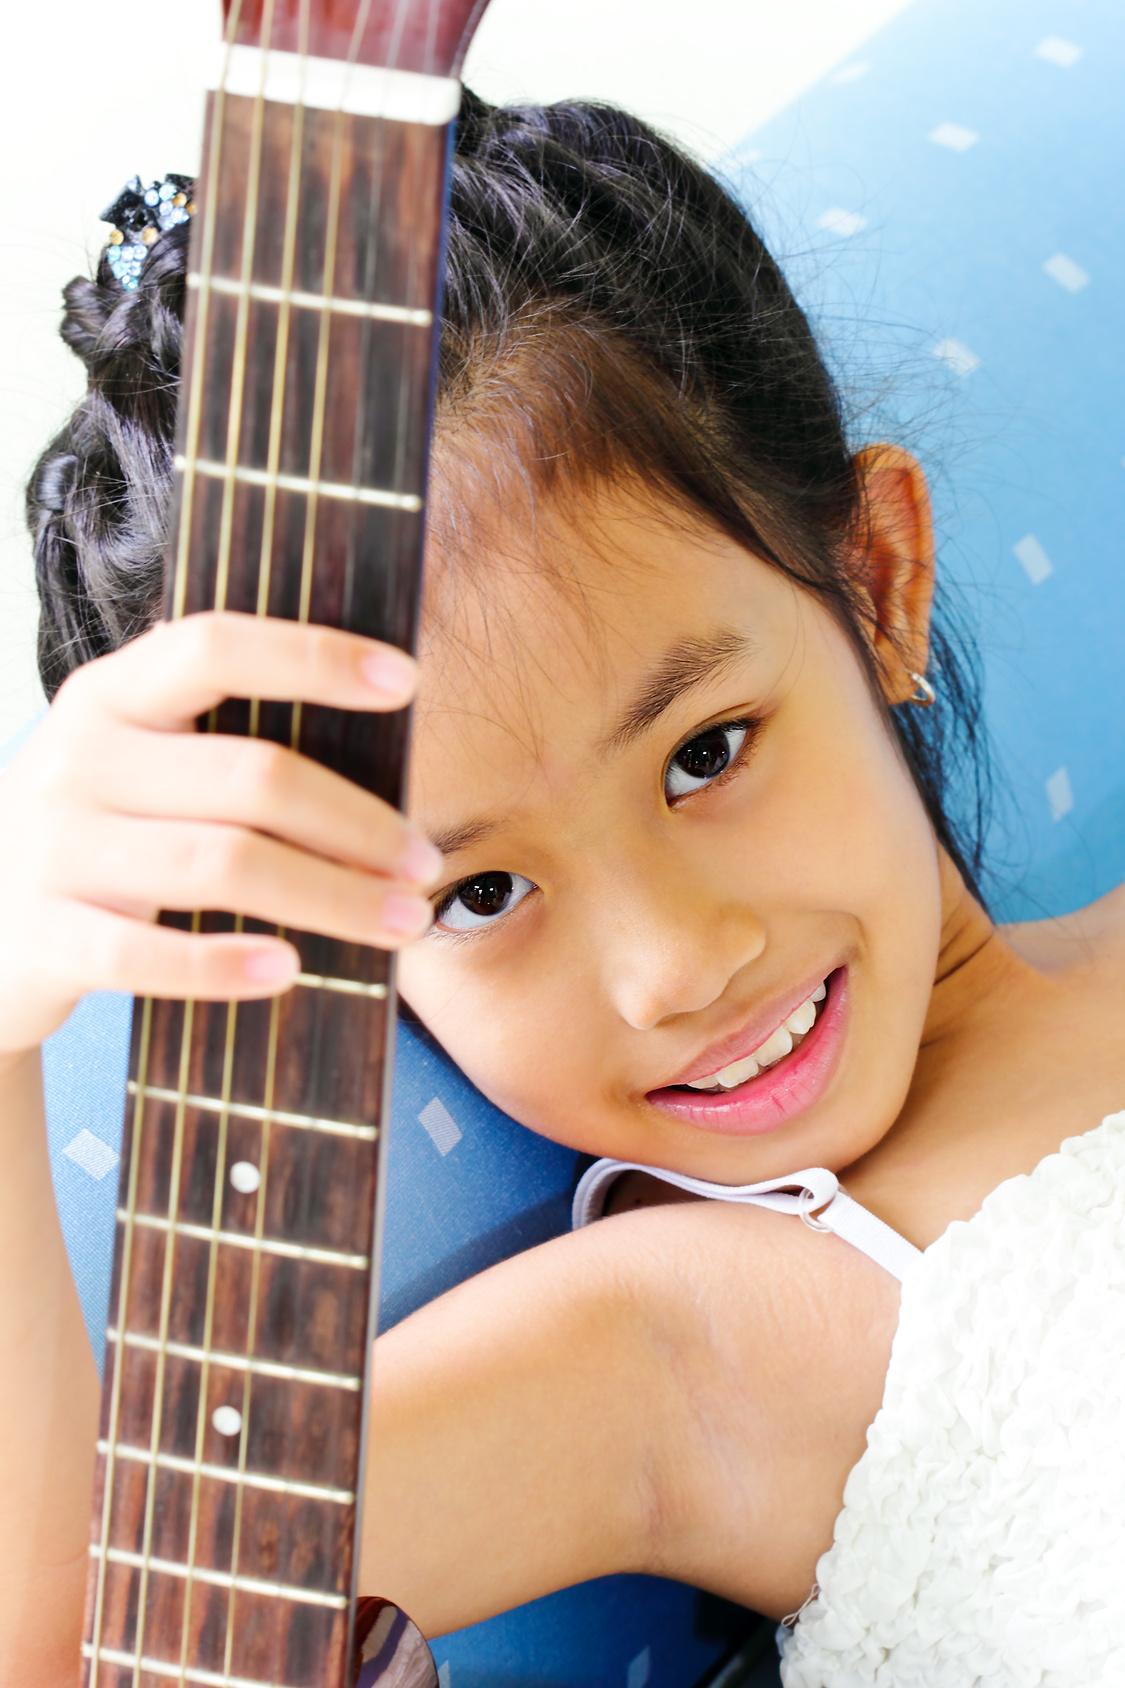 flemington_guitar_lessons